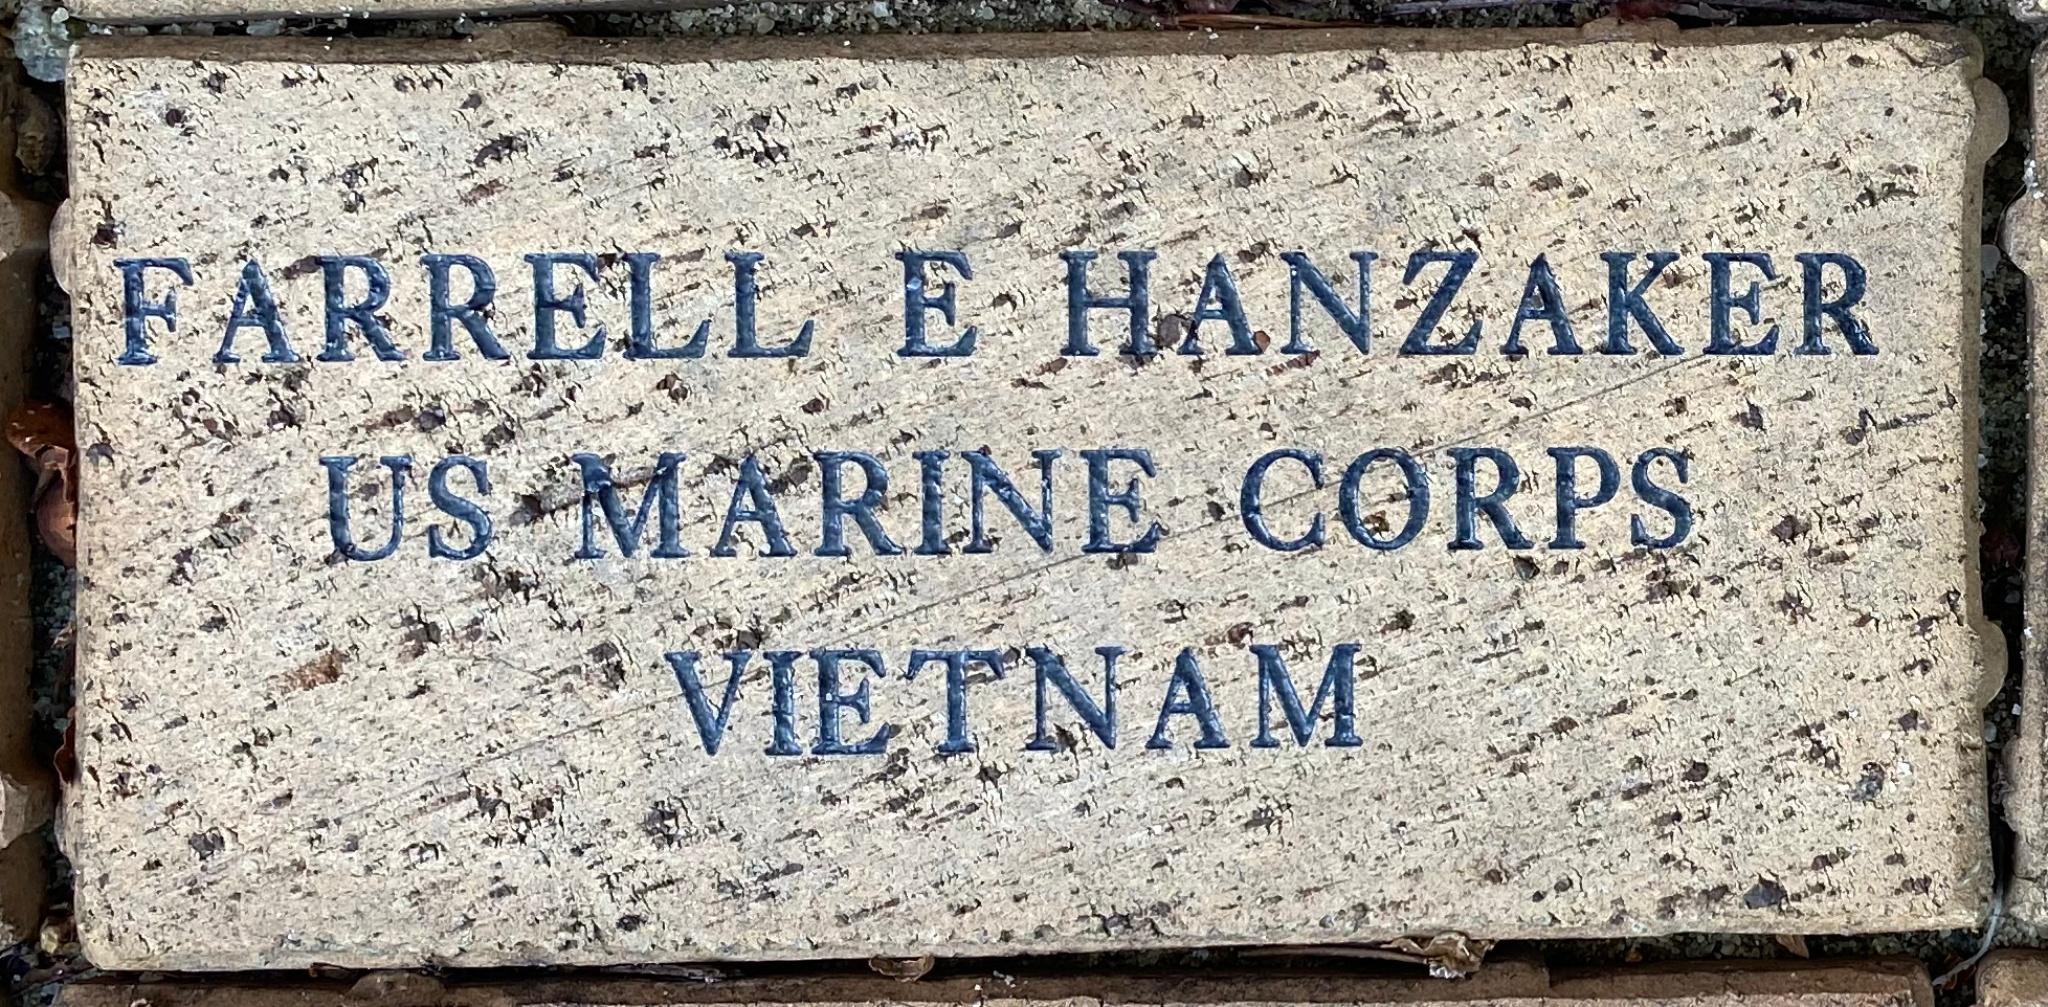 FARRELL E HANZAKER US MARINE CORPS VIETNAM